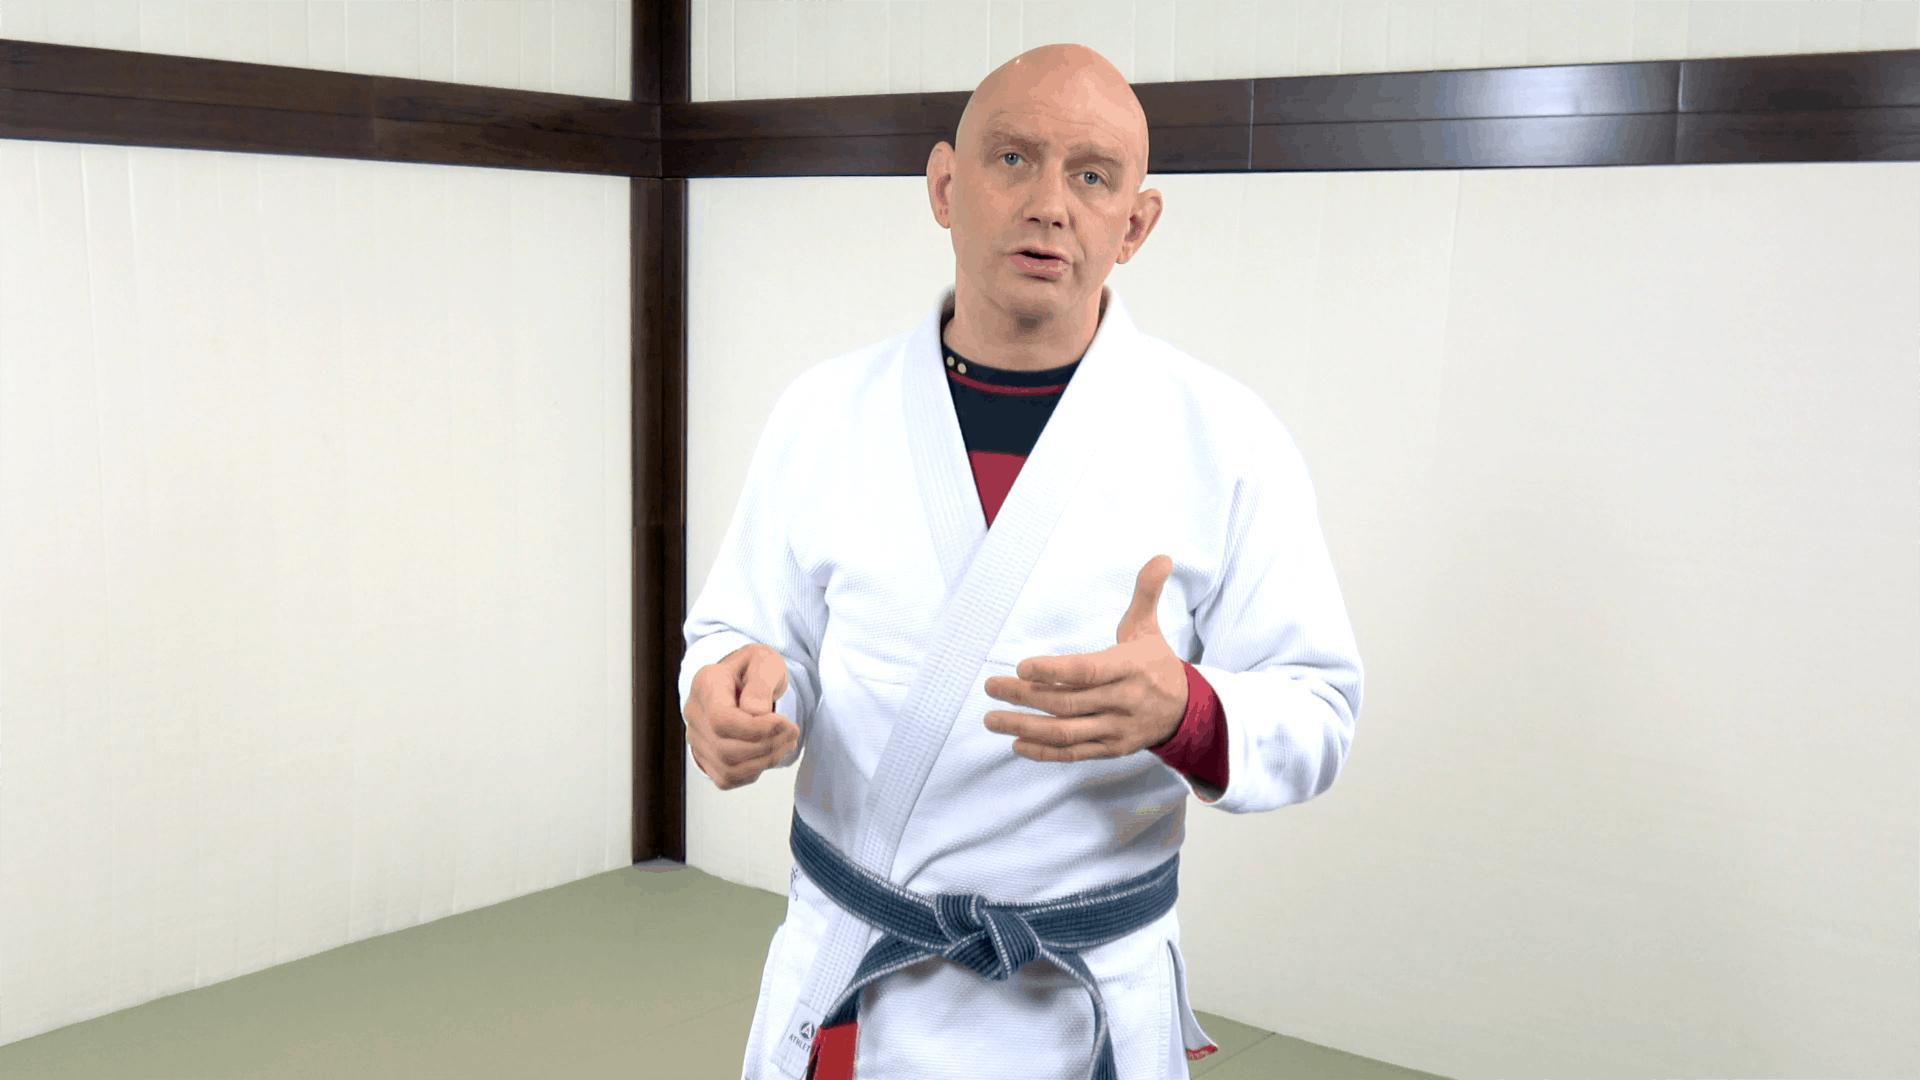 The Future of Jiu-Jitsu (Rickson Gracie, Pedro Sauer, Ryron